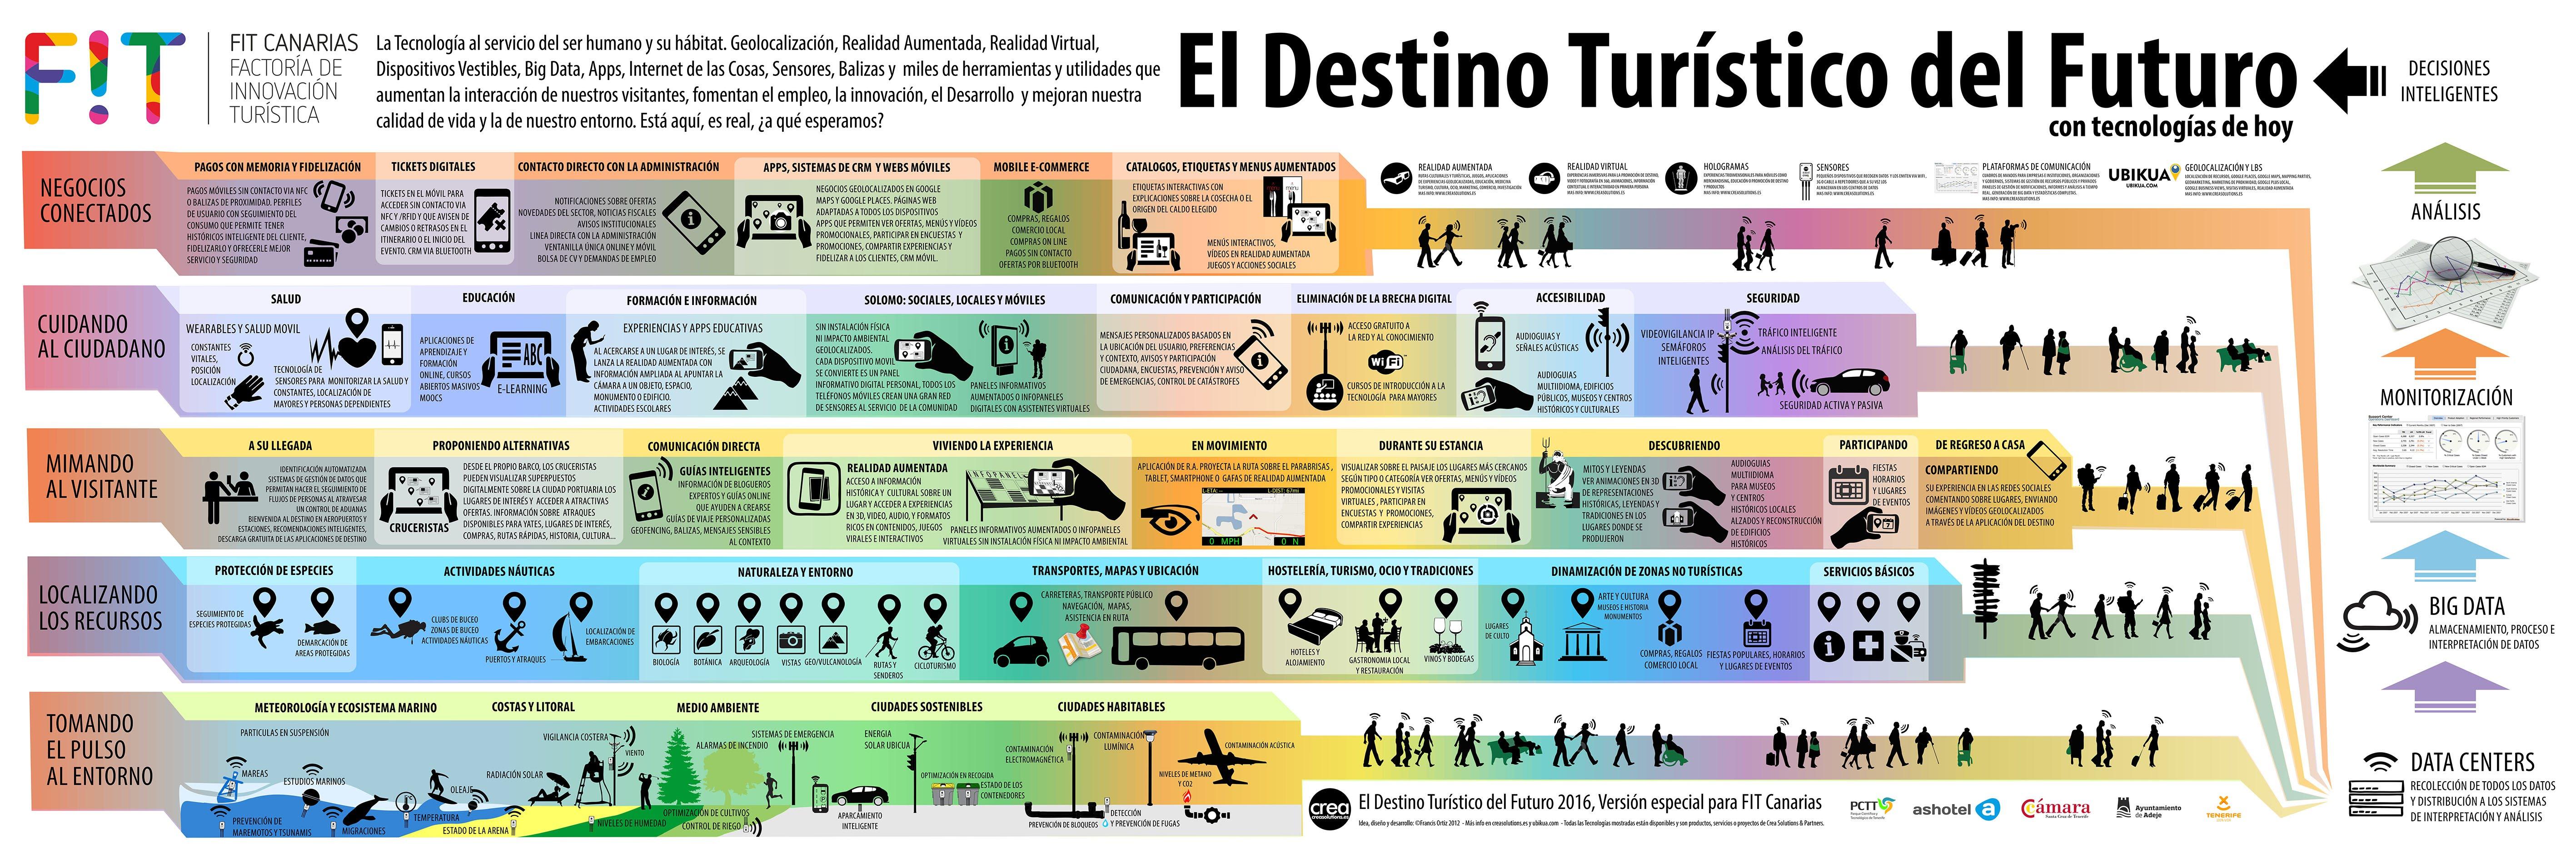 Destino Turistico del Futuro v 2016